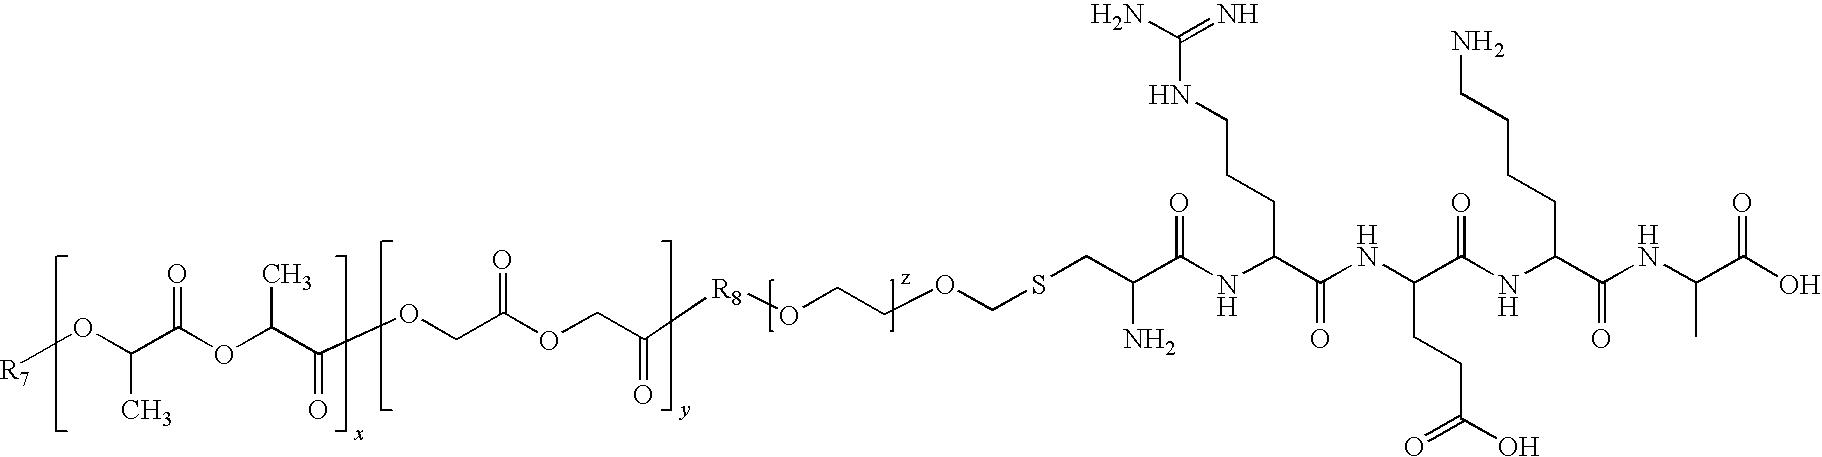 Figure US20090074828A1-20090319-C00003